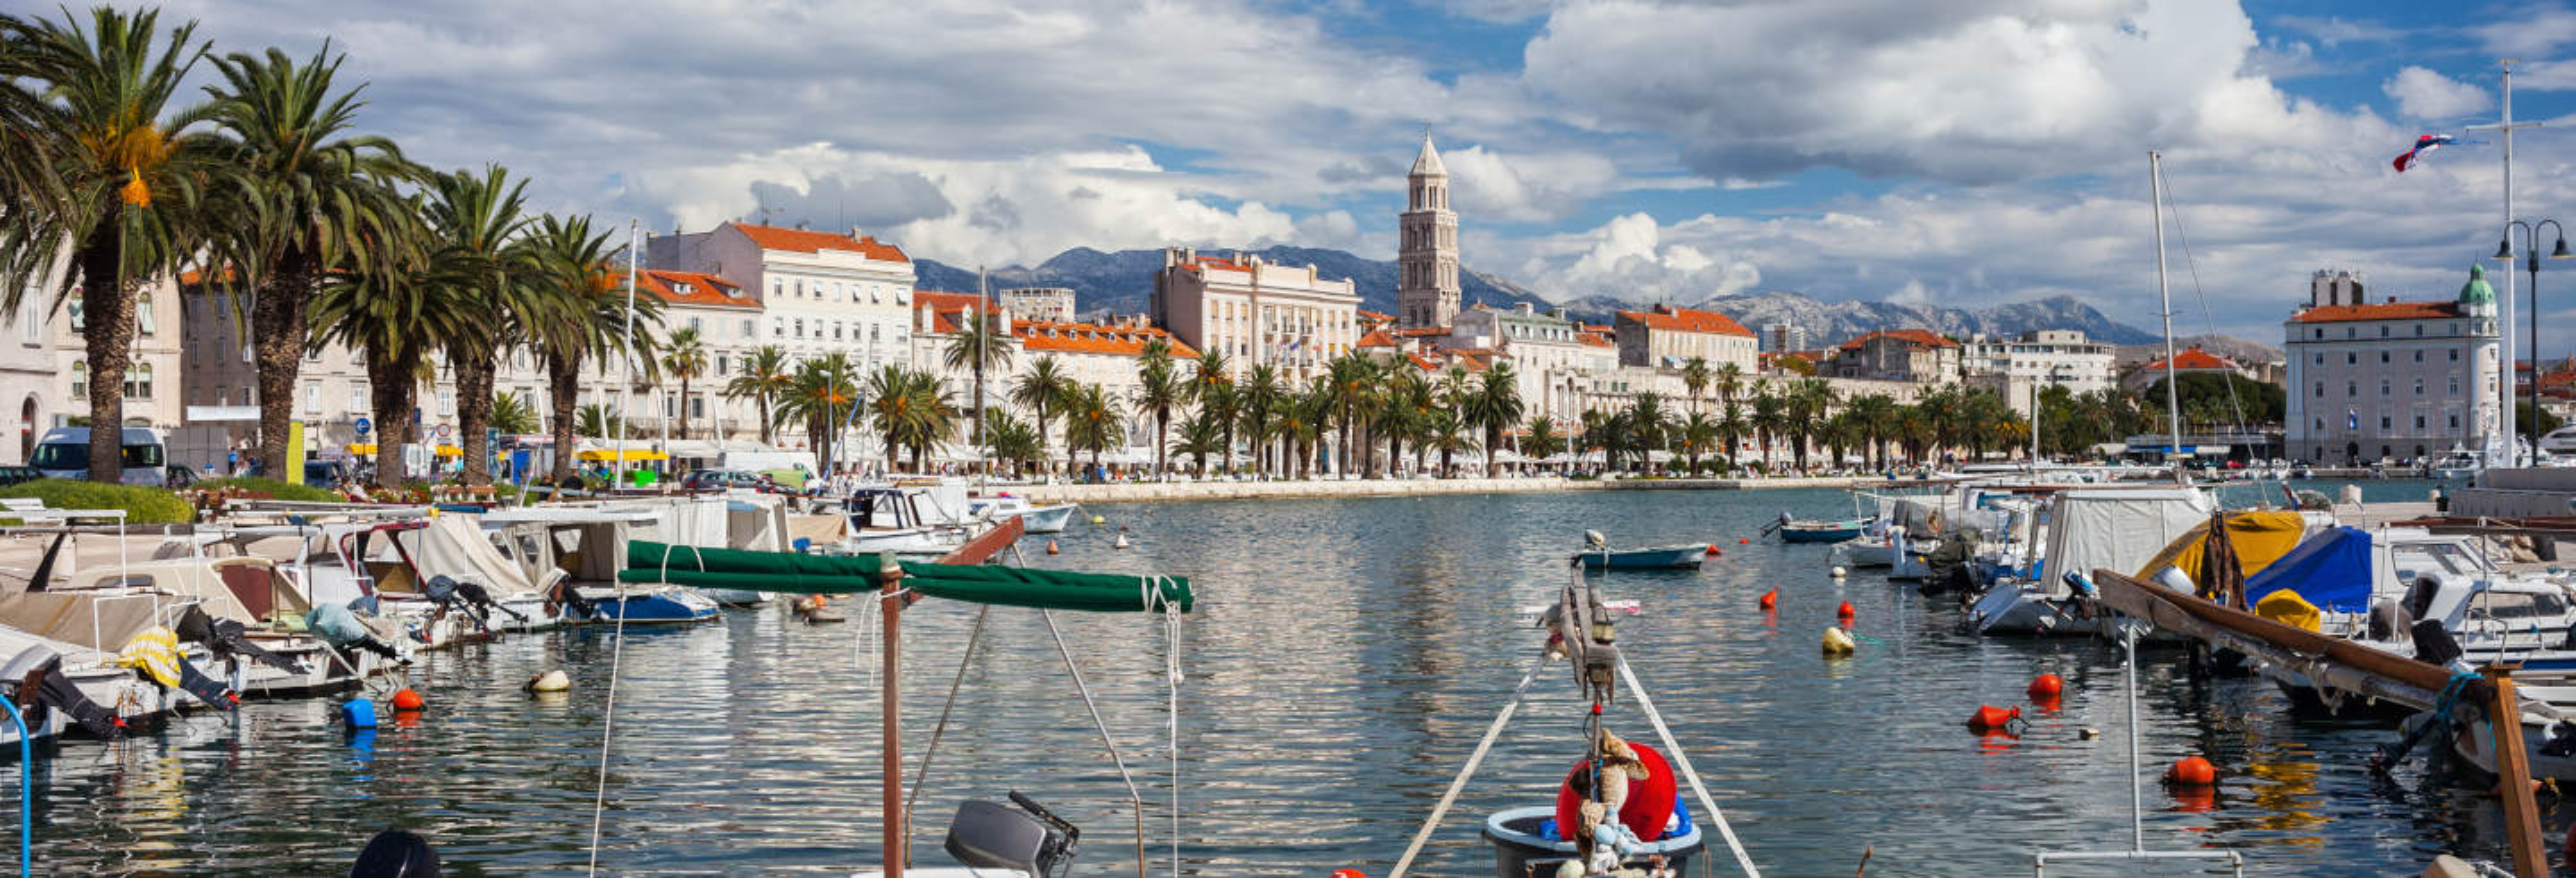 Visita guiada por Split